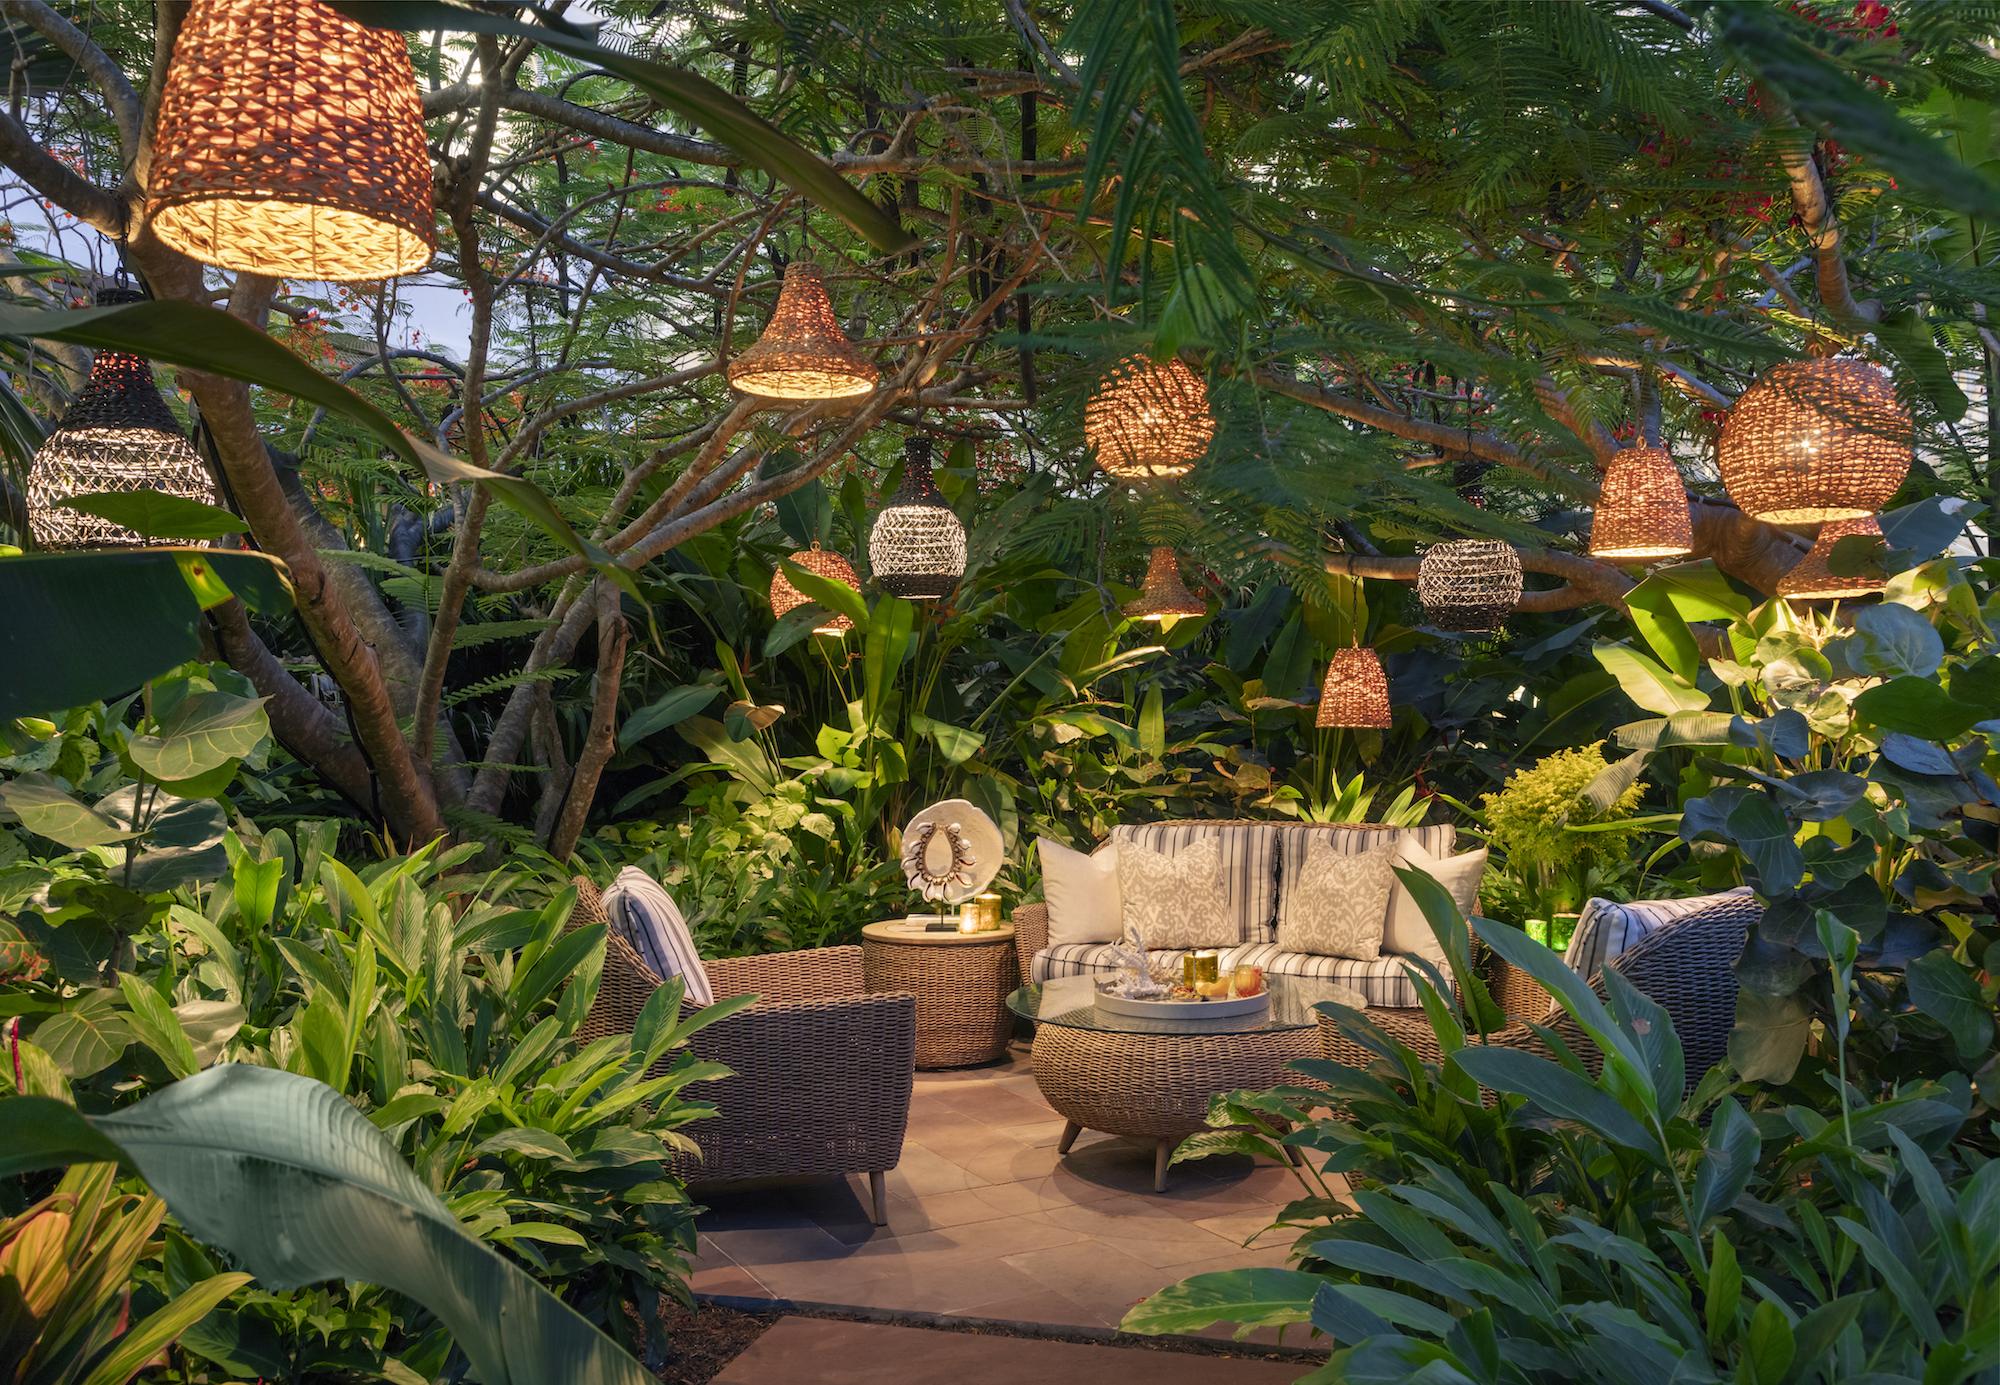 BHM_99356573_Resort_Garden_Nook.jpg